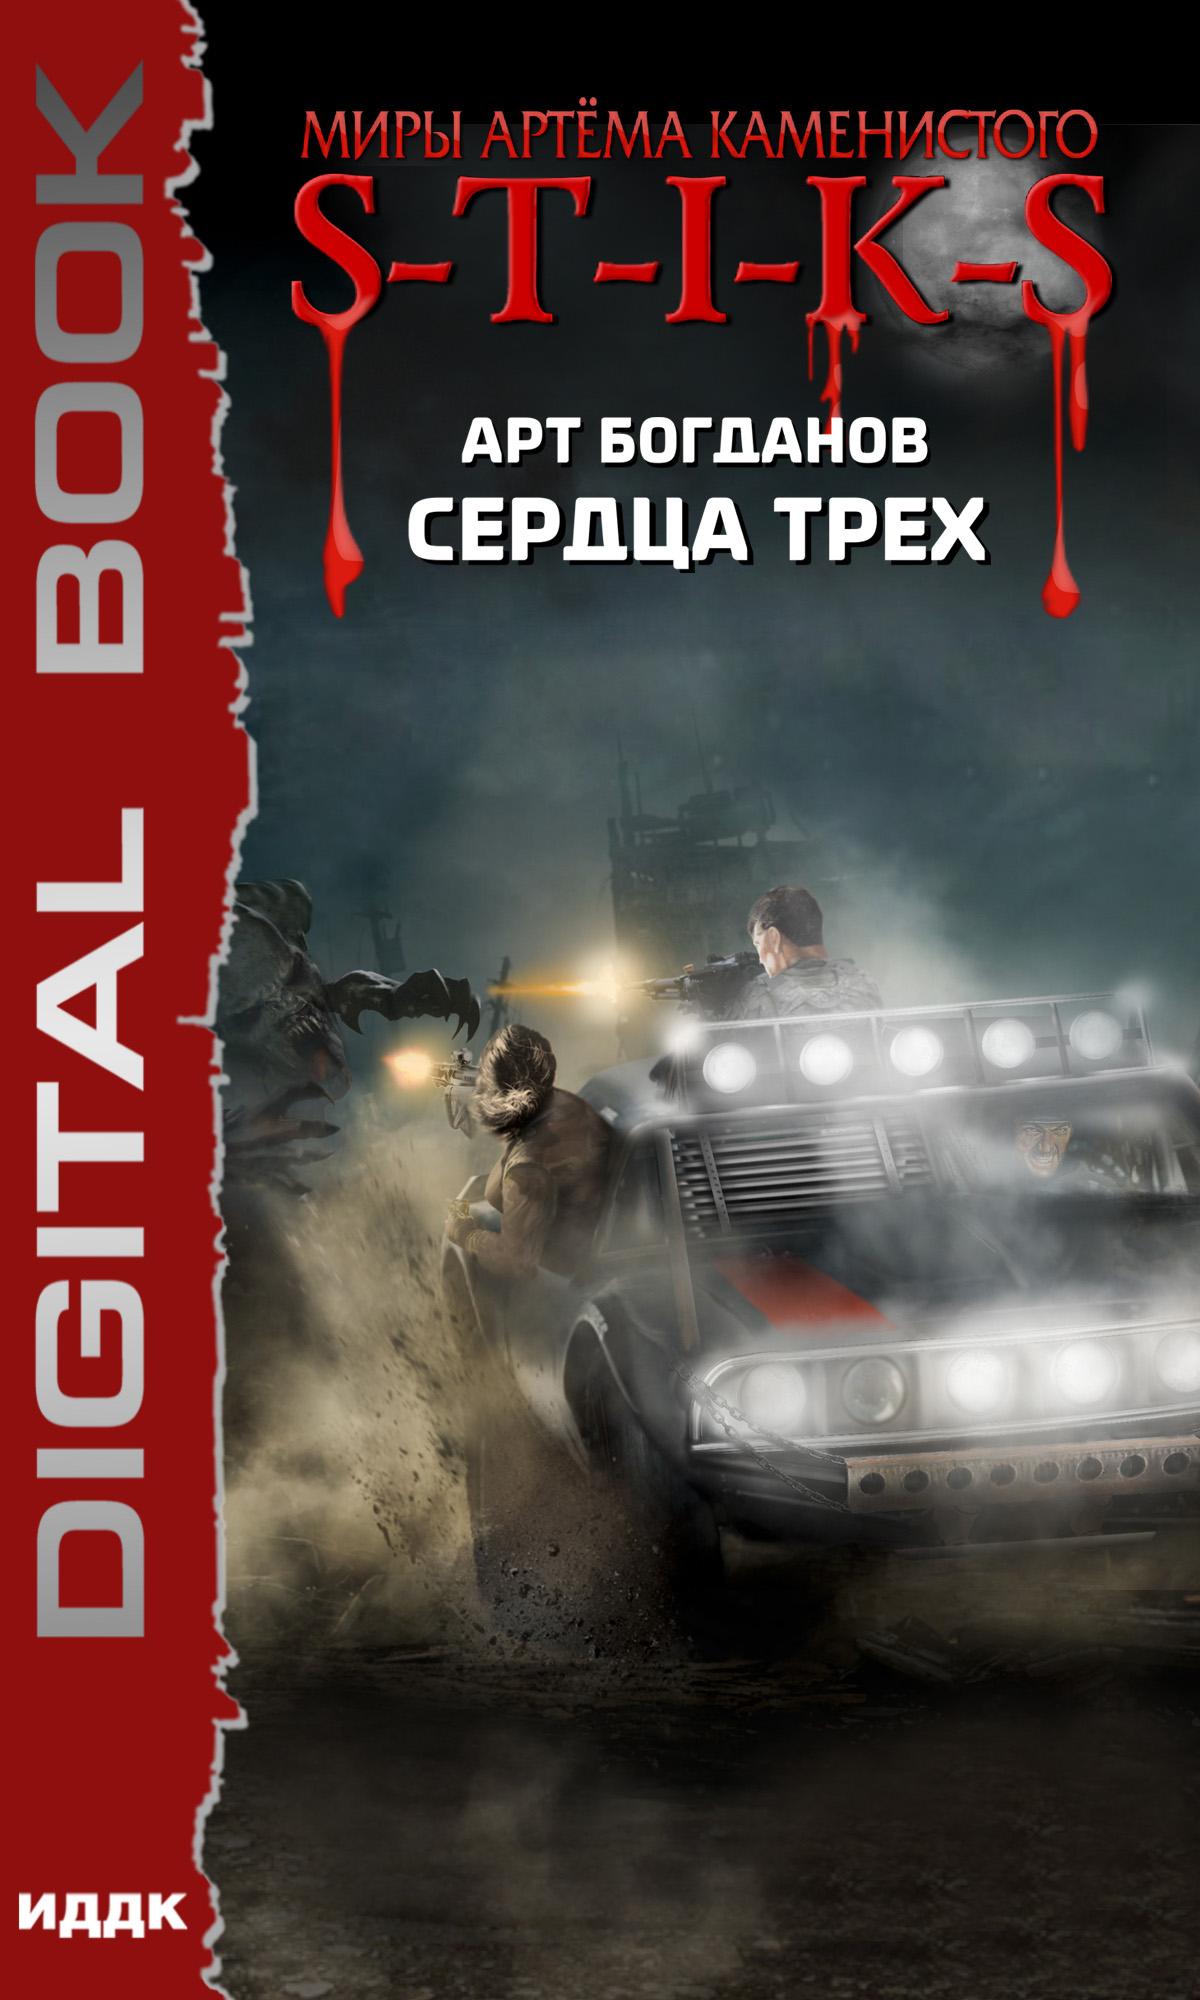 Купить книгу S-T-I-K-S. Сердца трех, автора Арта Богданова